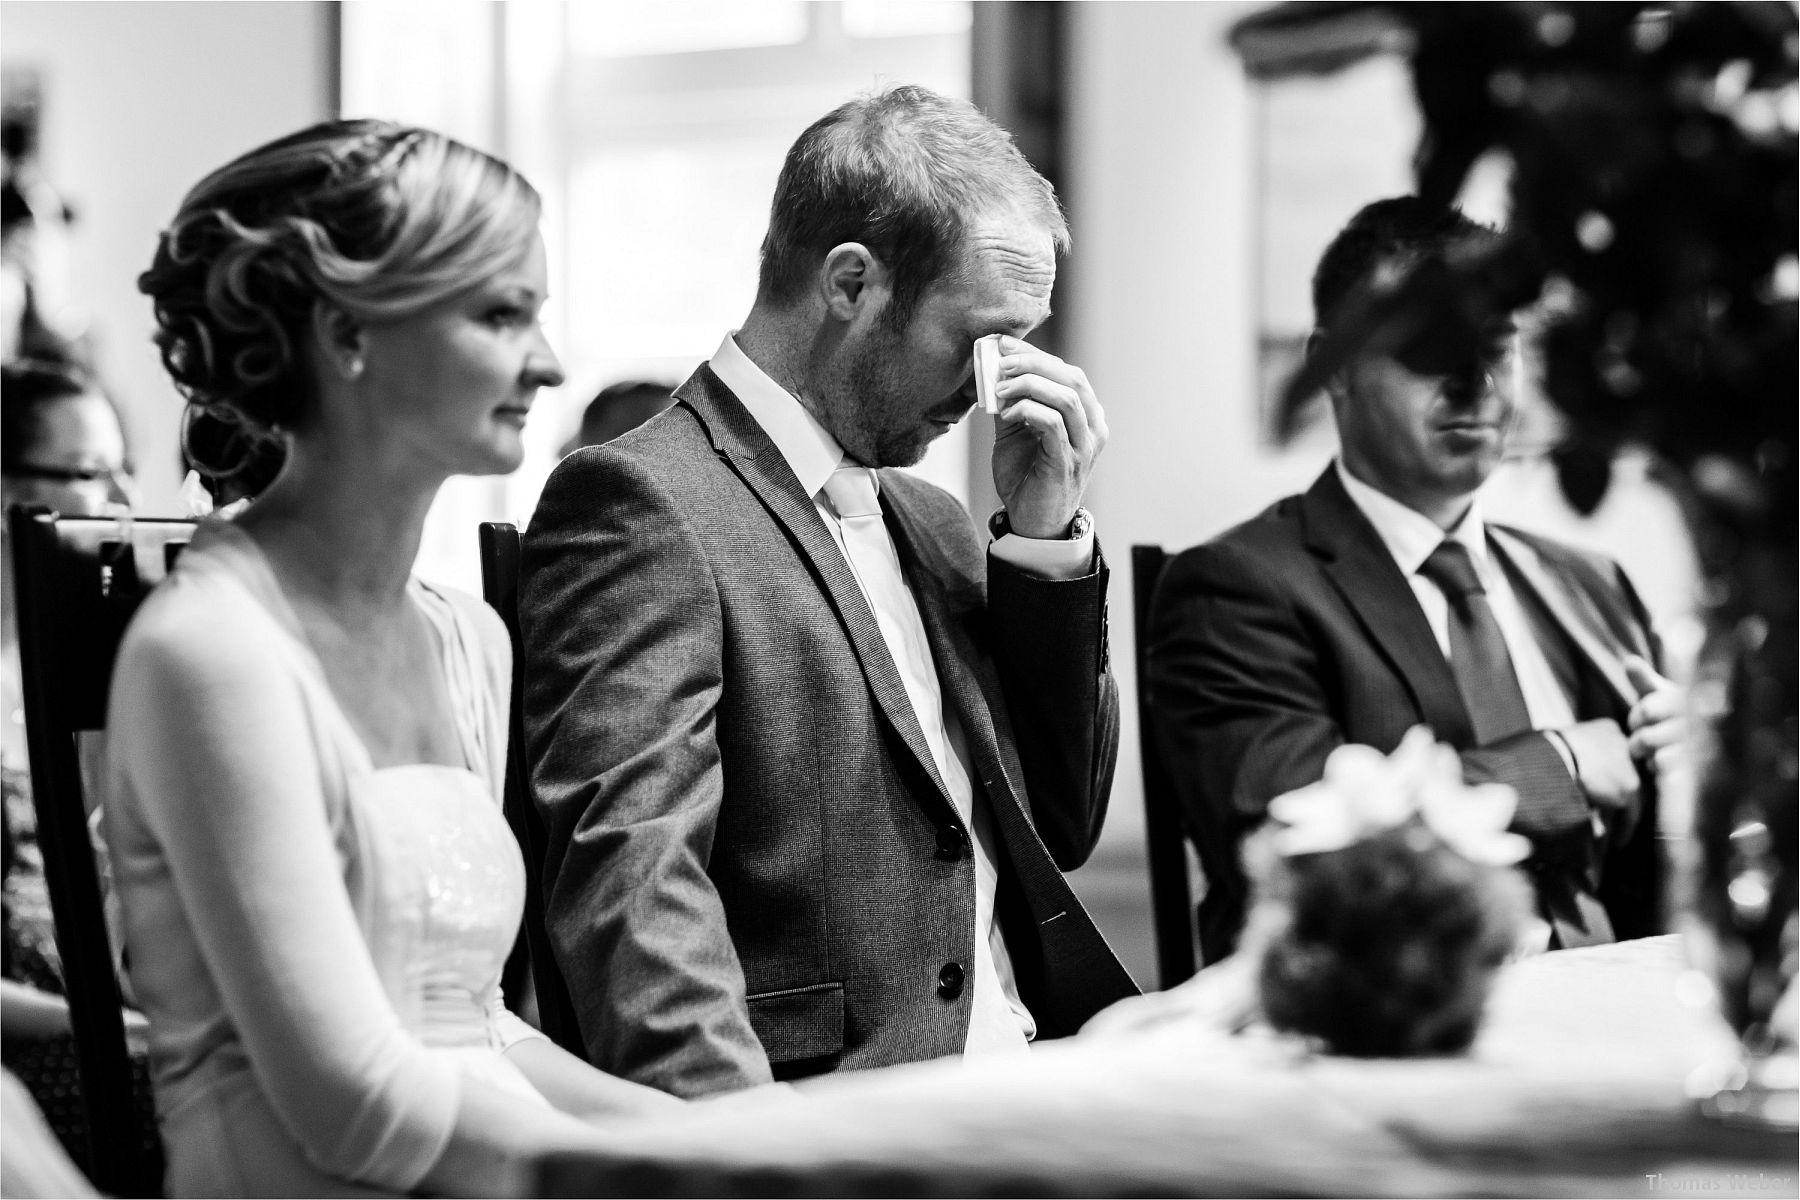 Hochzeitsfotograf Papenburg: Standesamtliche Trauung auf der Burg Kniphausen und Feier im Le Patron am Meer (8)